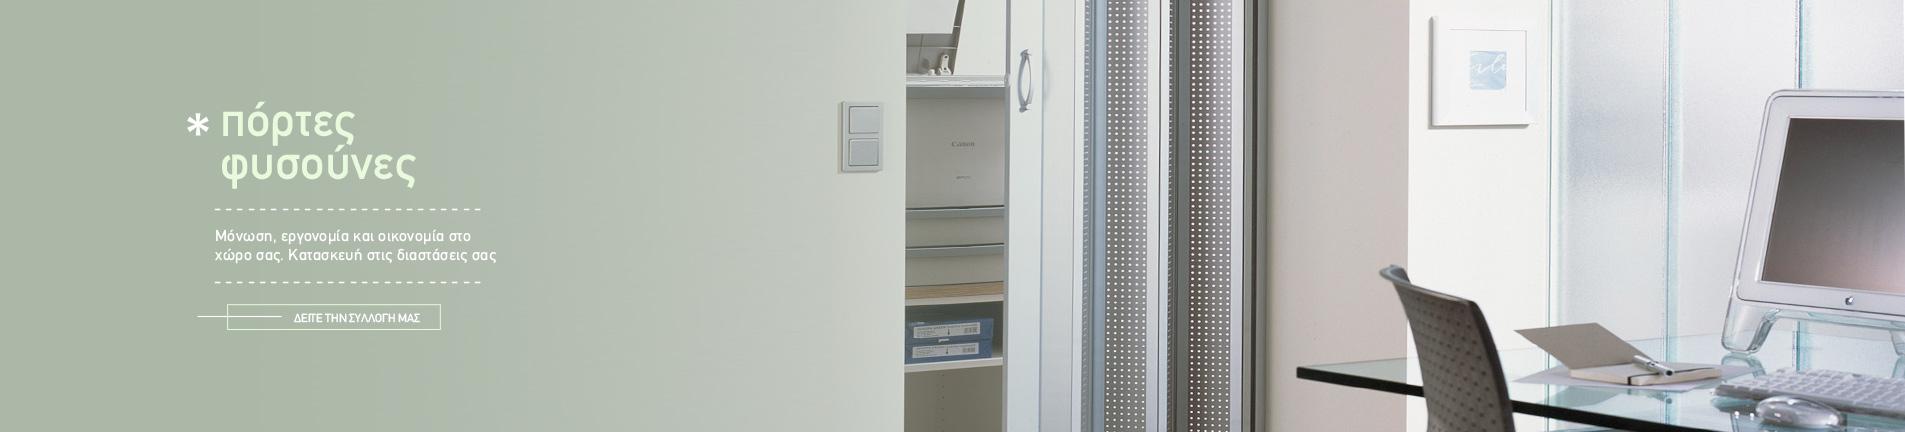 Φυσούνες Οι πτυσσόμενες - φυσούνες πόρτες δίνουν λύσεις σε πολύ μικρούς χώρους που δεν μπορεί να ανοίξει μια κανονική πόρτα, αλλά και σαν διαχωριστικό σε μεγαλύτερους χώρους.